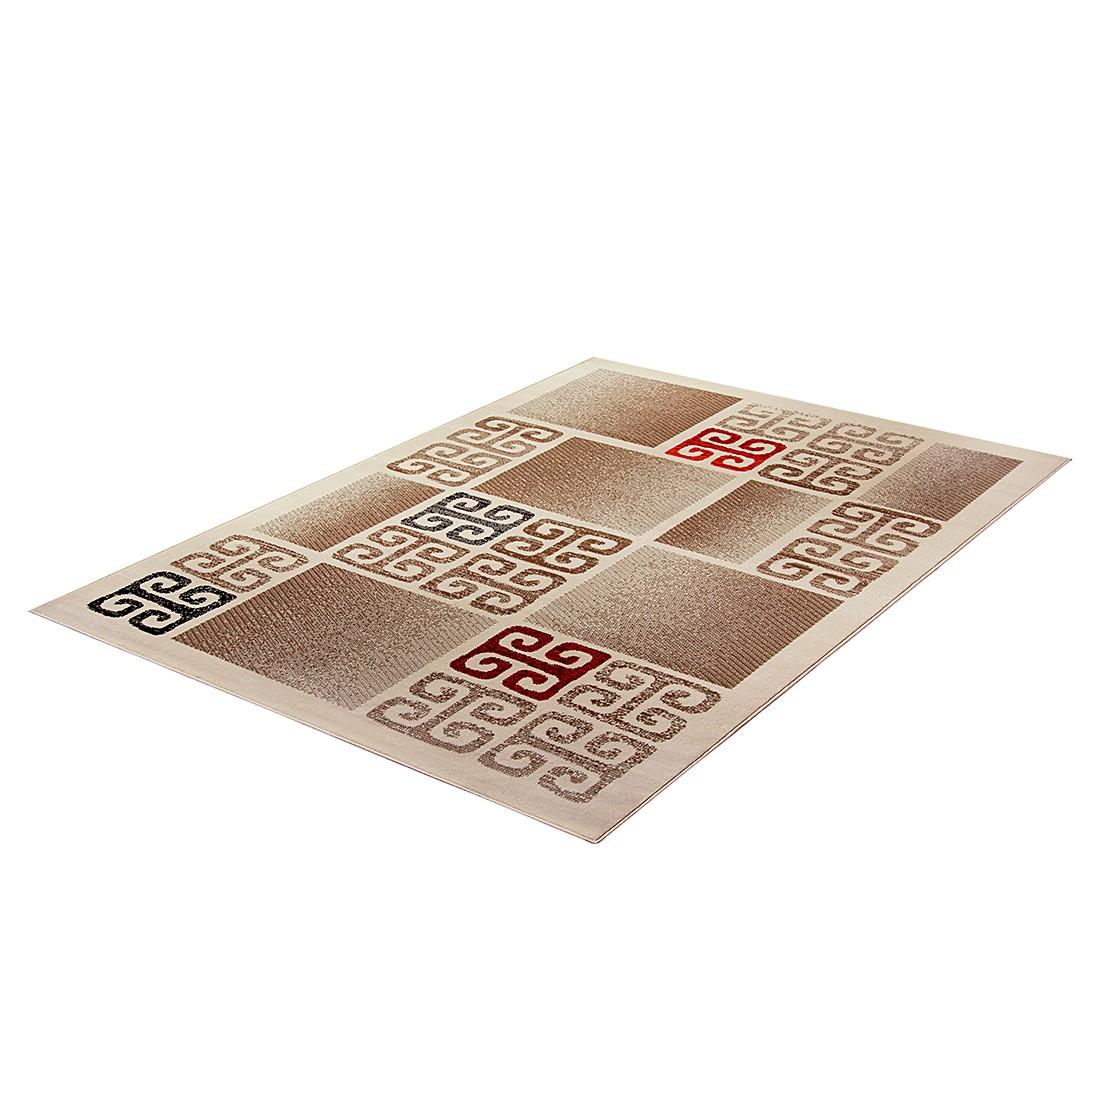 Teppich Prime Pile Simple – Beige/Braun – 190 x 280 cm, Hanse Home Collection günstig online kaufen